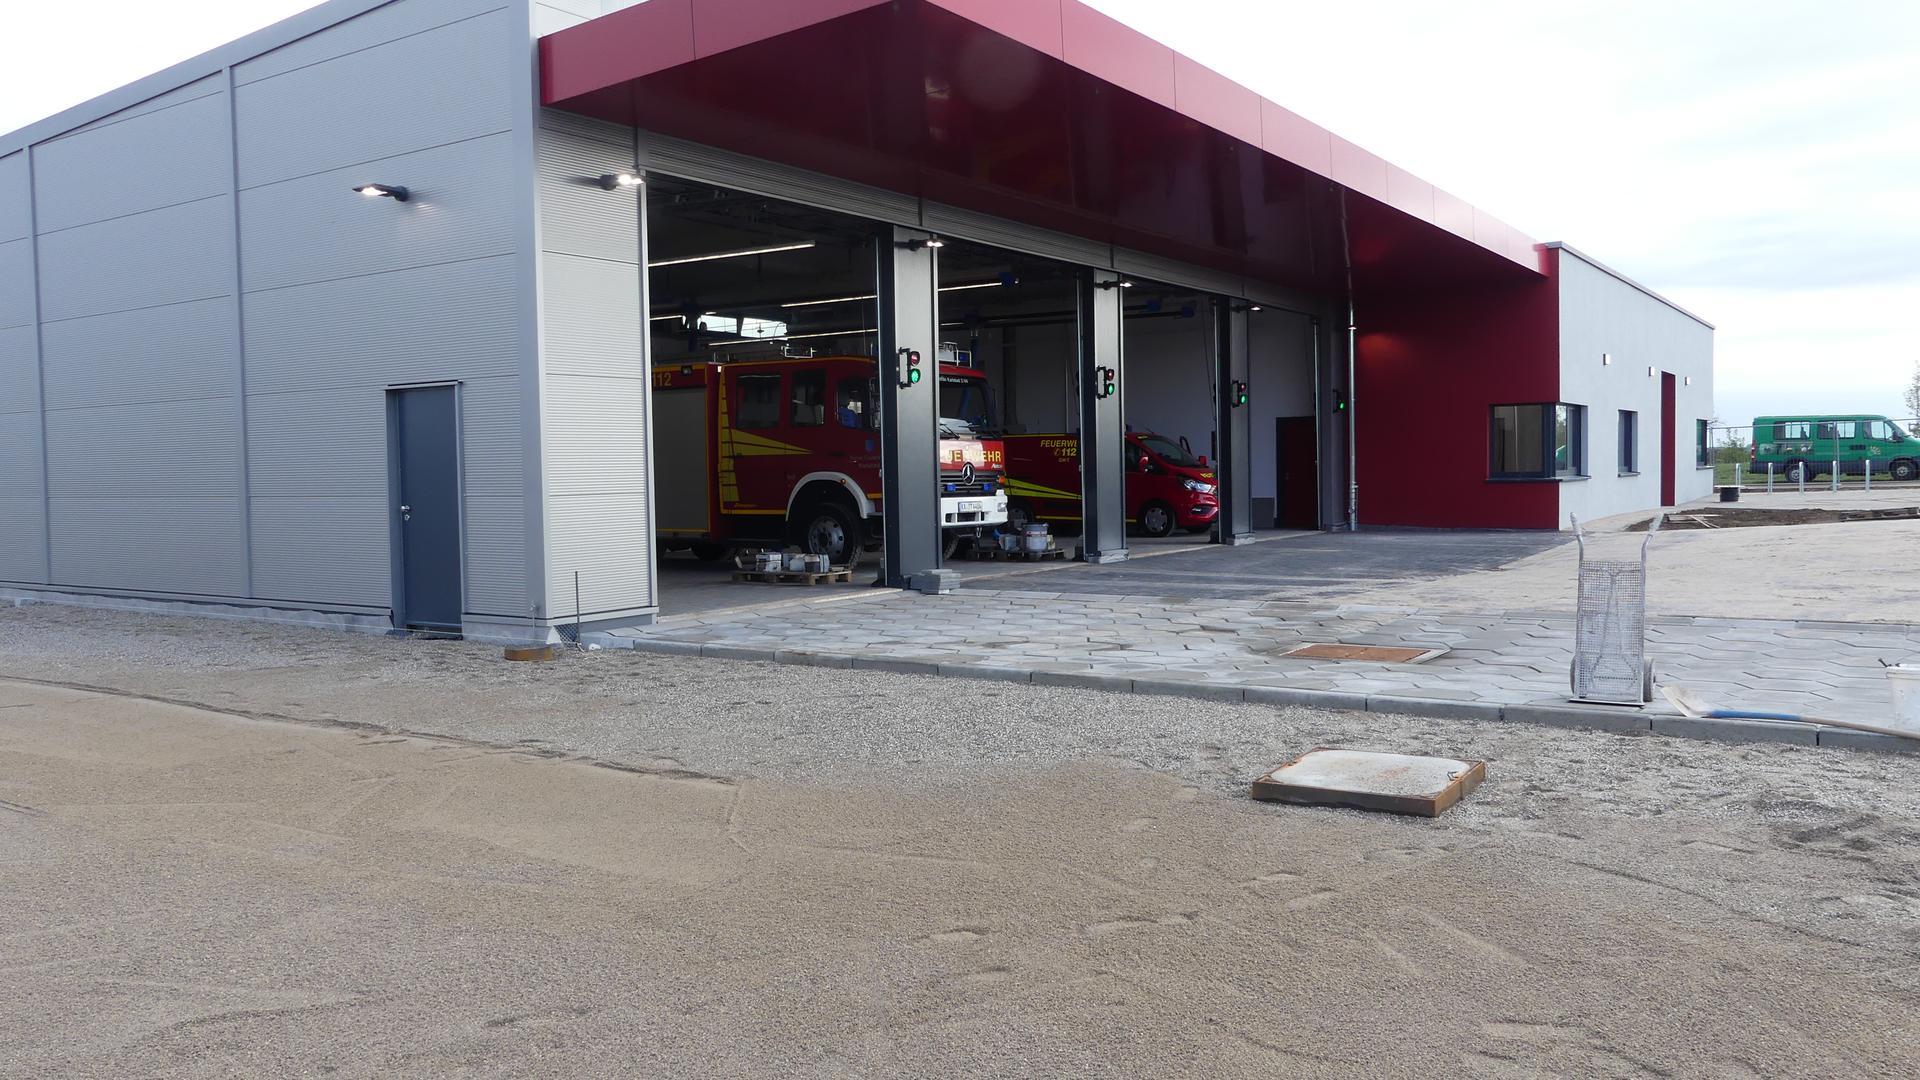 Blick auf das neue Feuerwehrgerätehaus in Ittersbach, das Ende November übergeben werden soll.